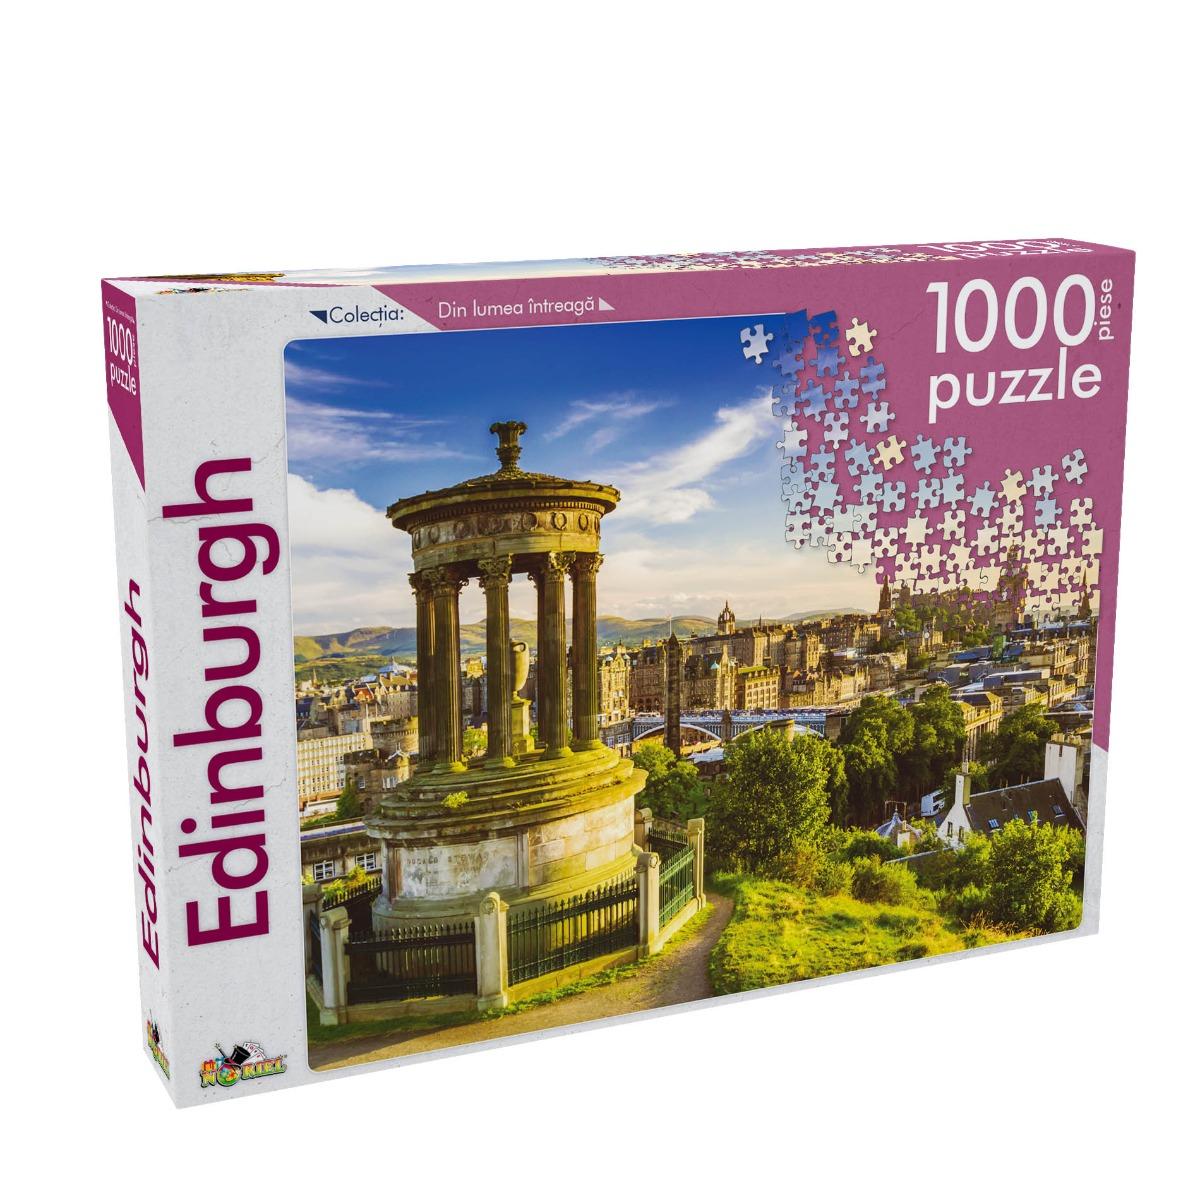 Puzzle Noriel - Din lumea intreaga - Edinburgh. 1000 Piese